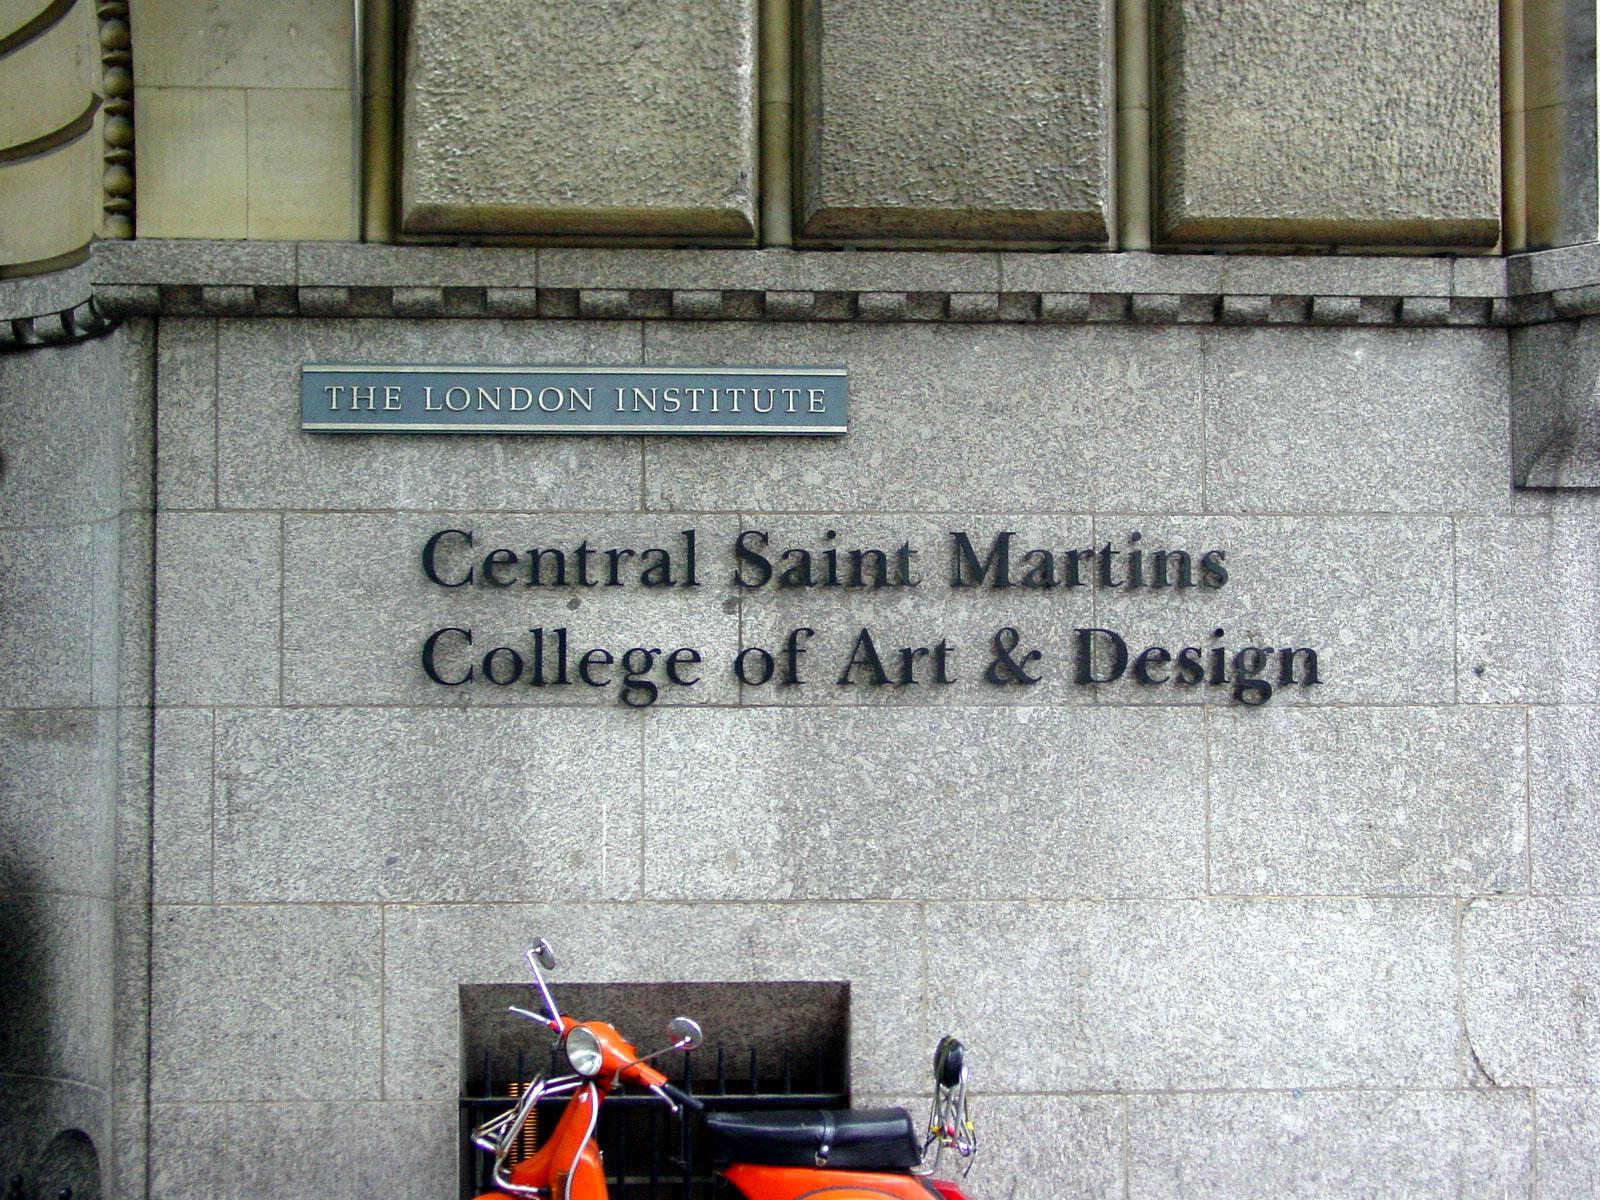 La central saint martins pescara loves fashion for Scuola di moda pescara